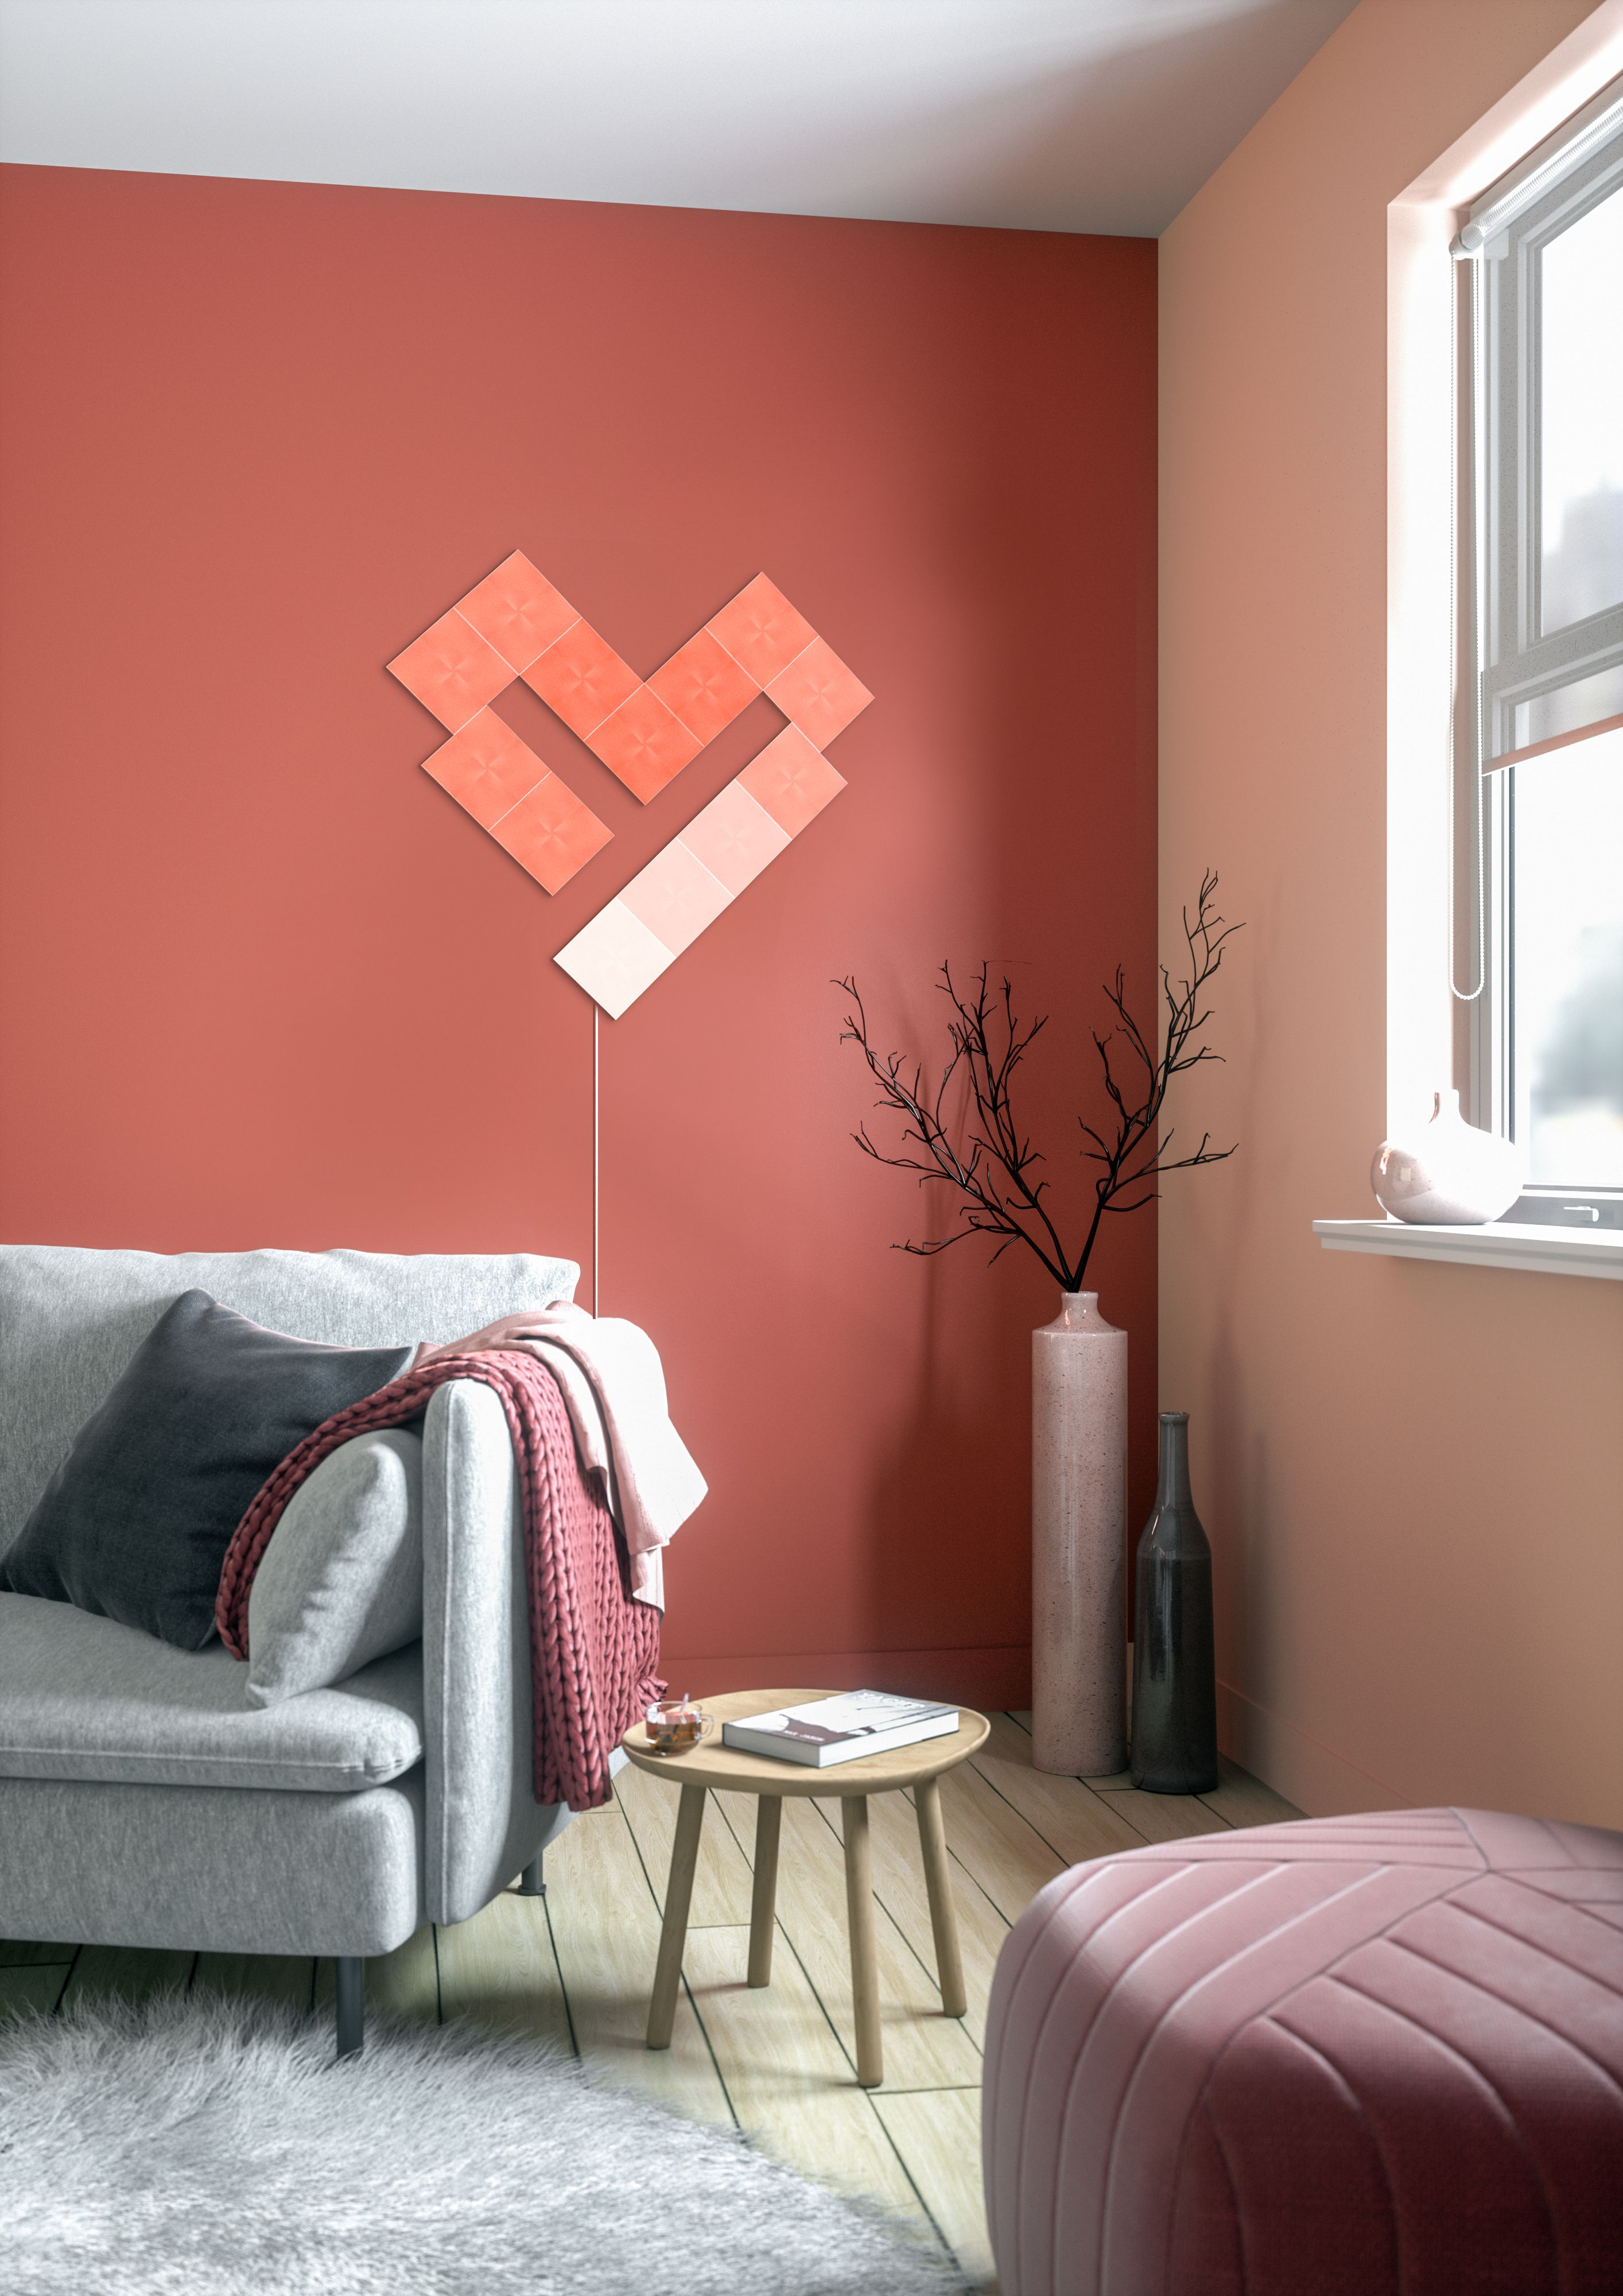 Design Shape Made With Nanoleaf Canvas